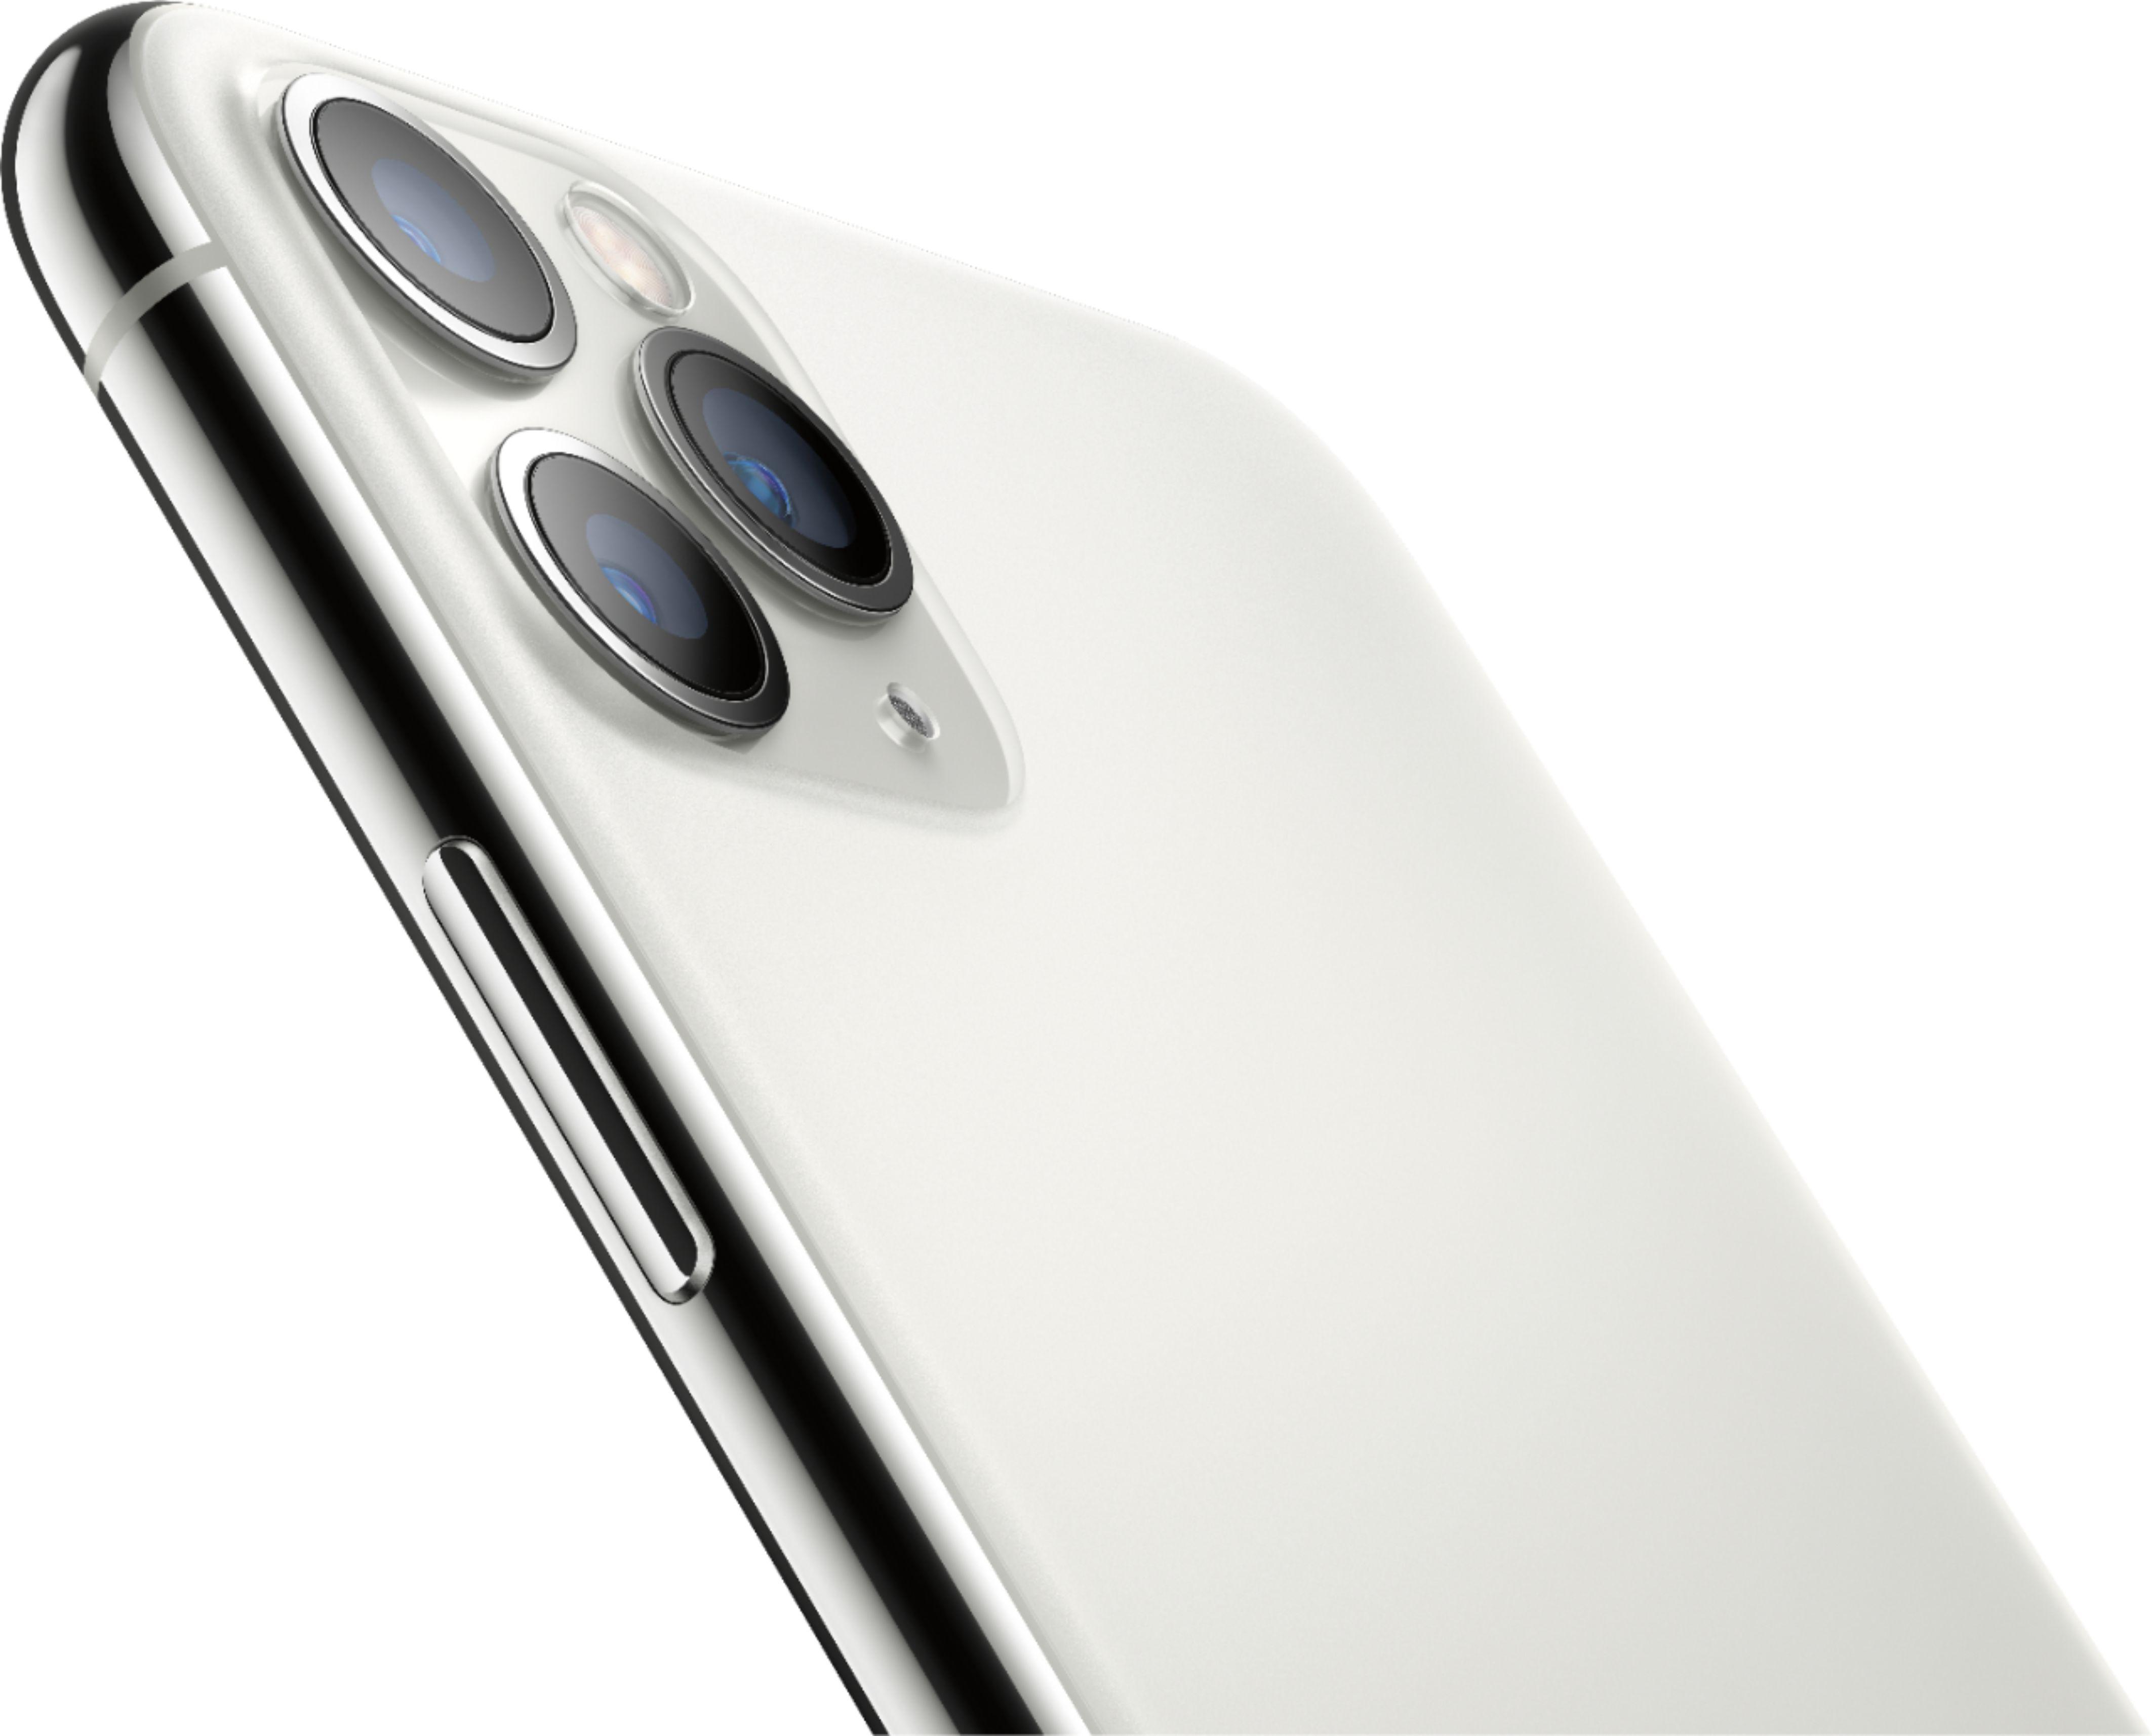 Apple Iphone 11 Pro Max 512gb Silver Unlocked Mwgq2ll A Best Buy